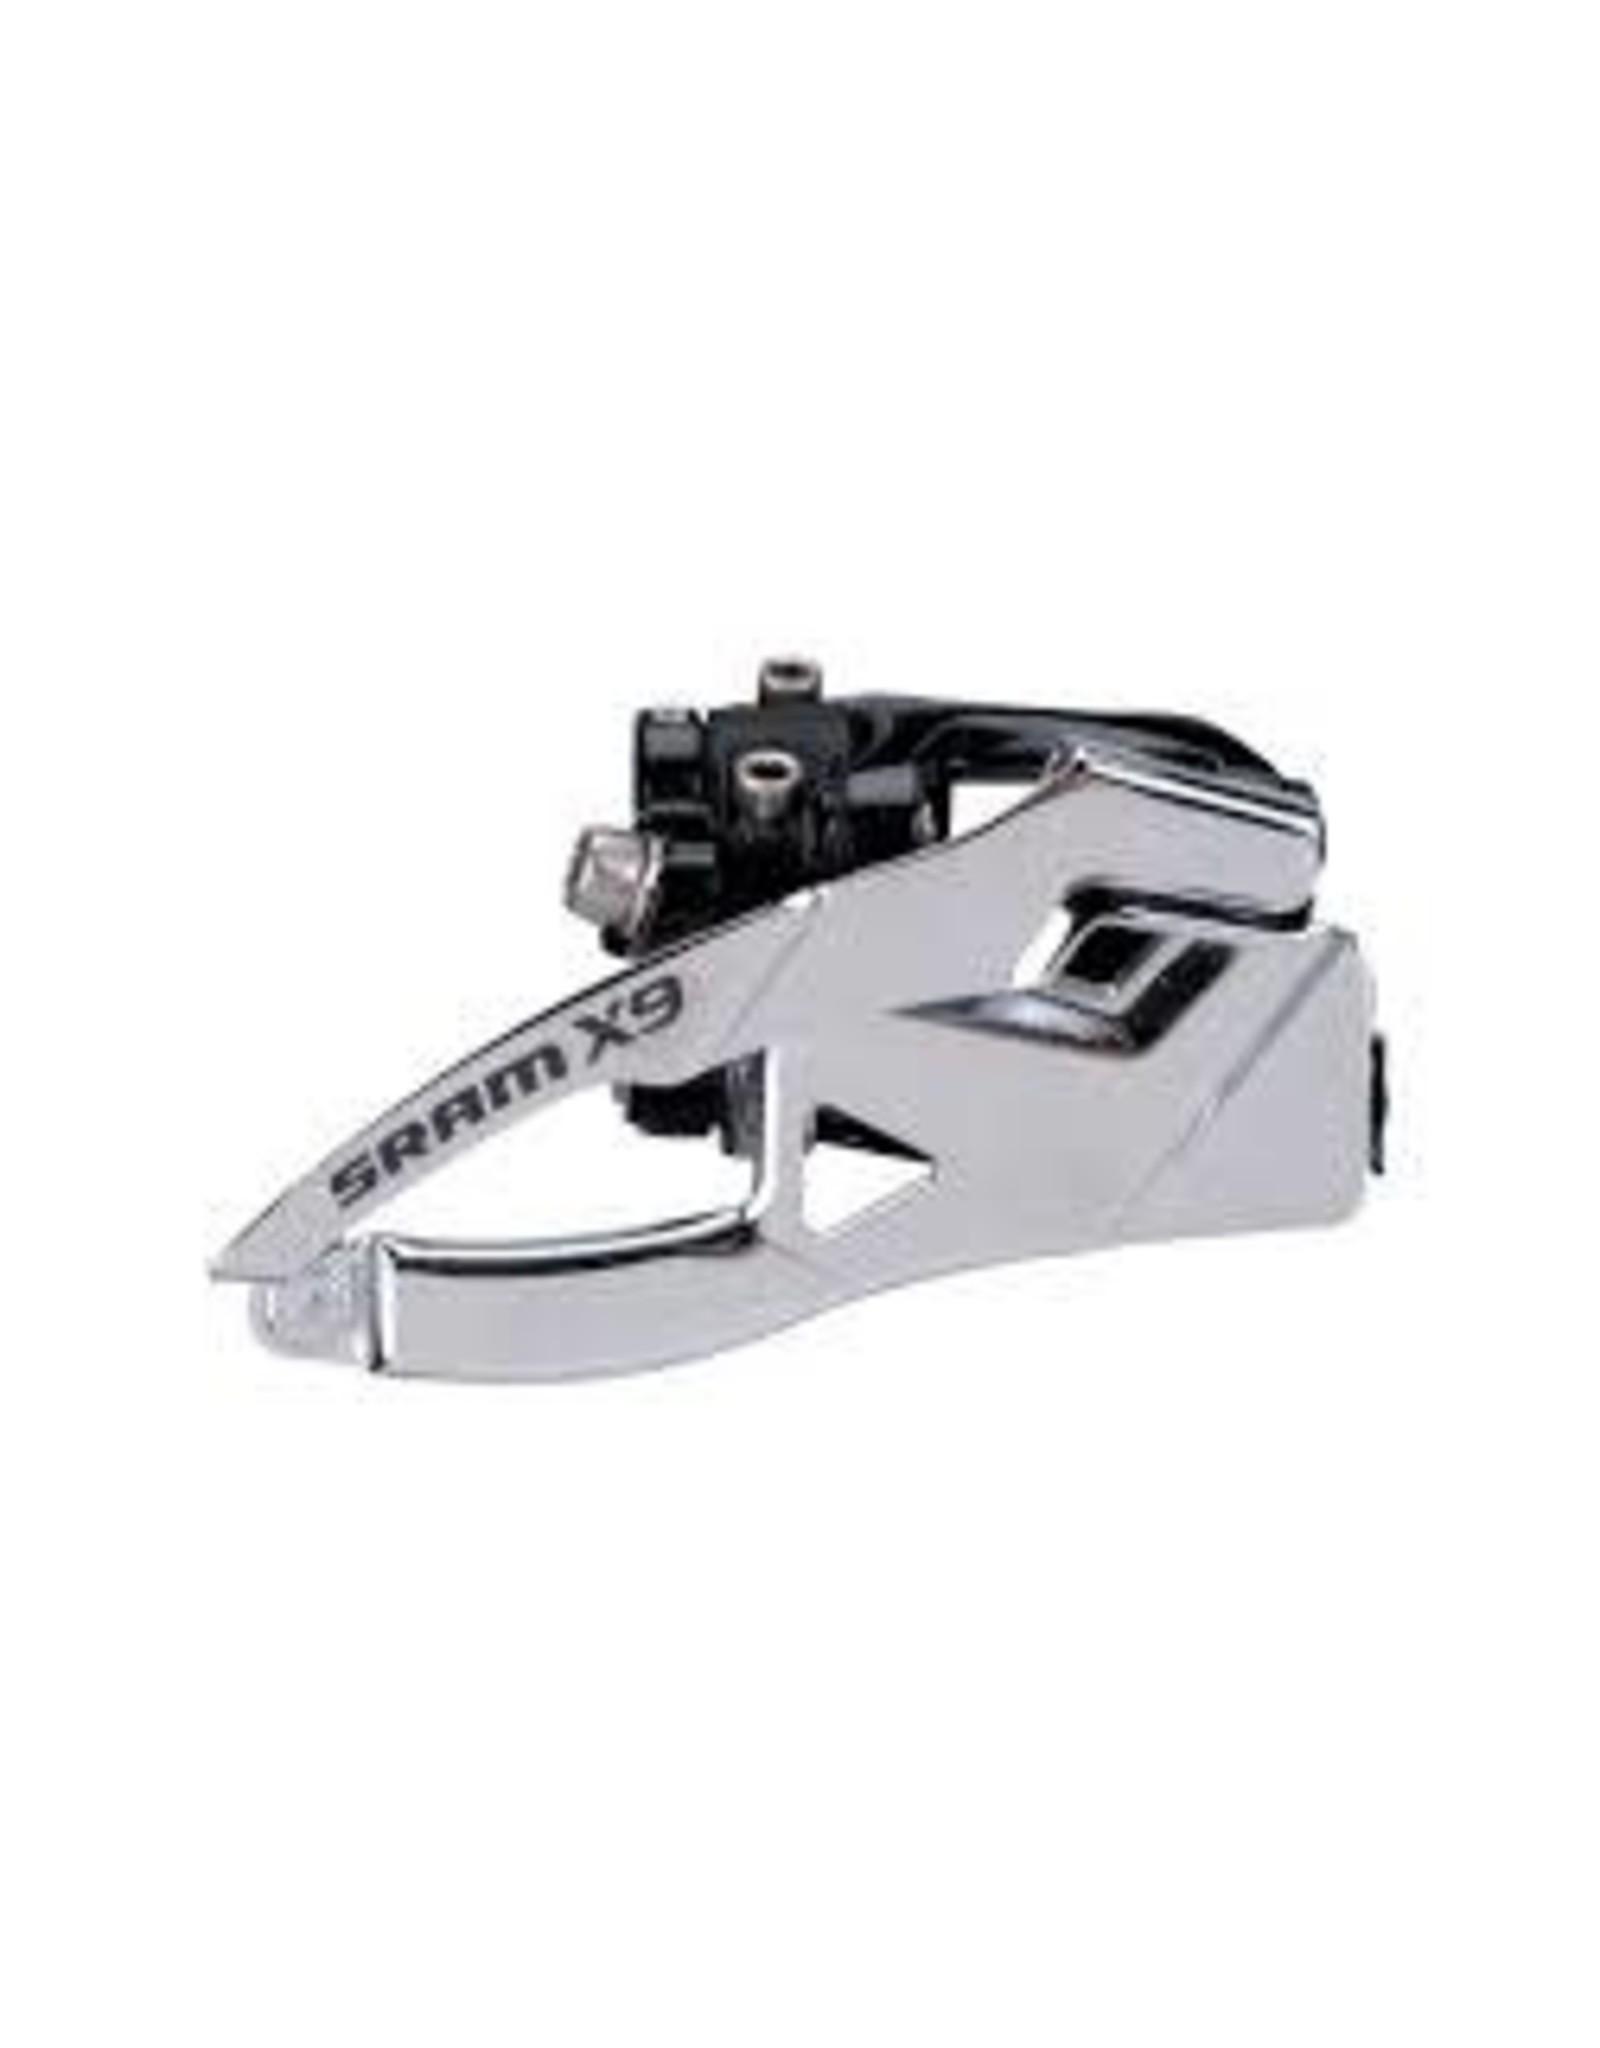 SRAM Derailleur Sram X.9 2 x 10 BottomPull 31.8/34.9mm Low Clamp Front Derailleur